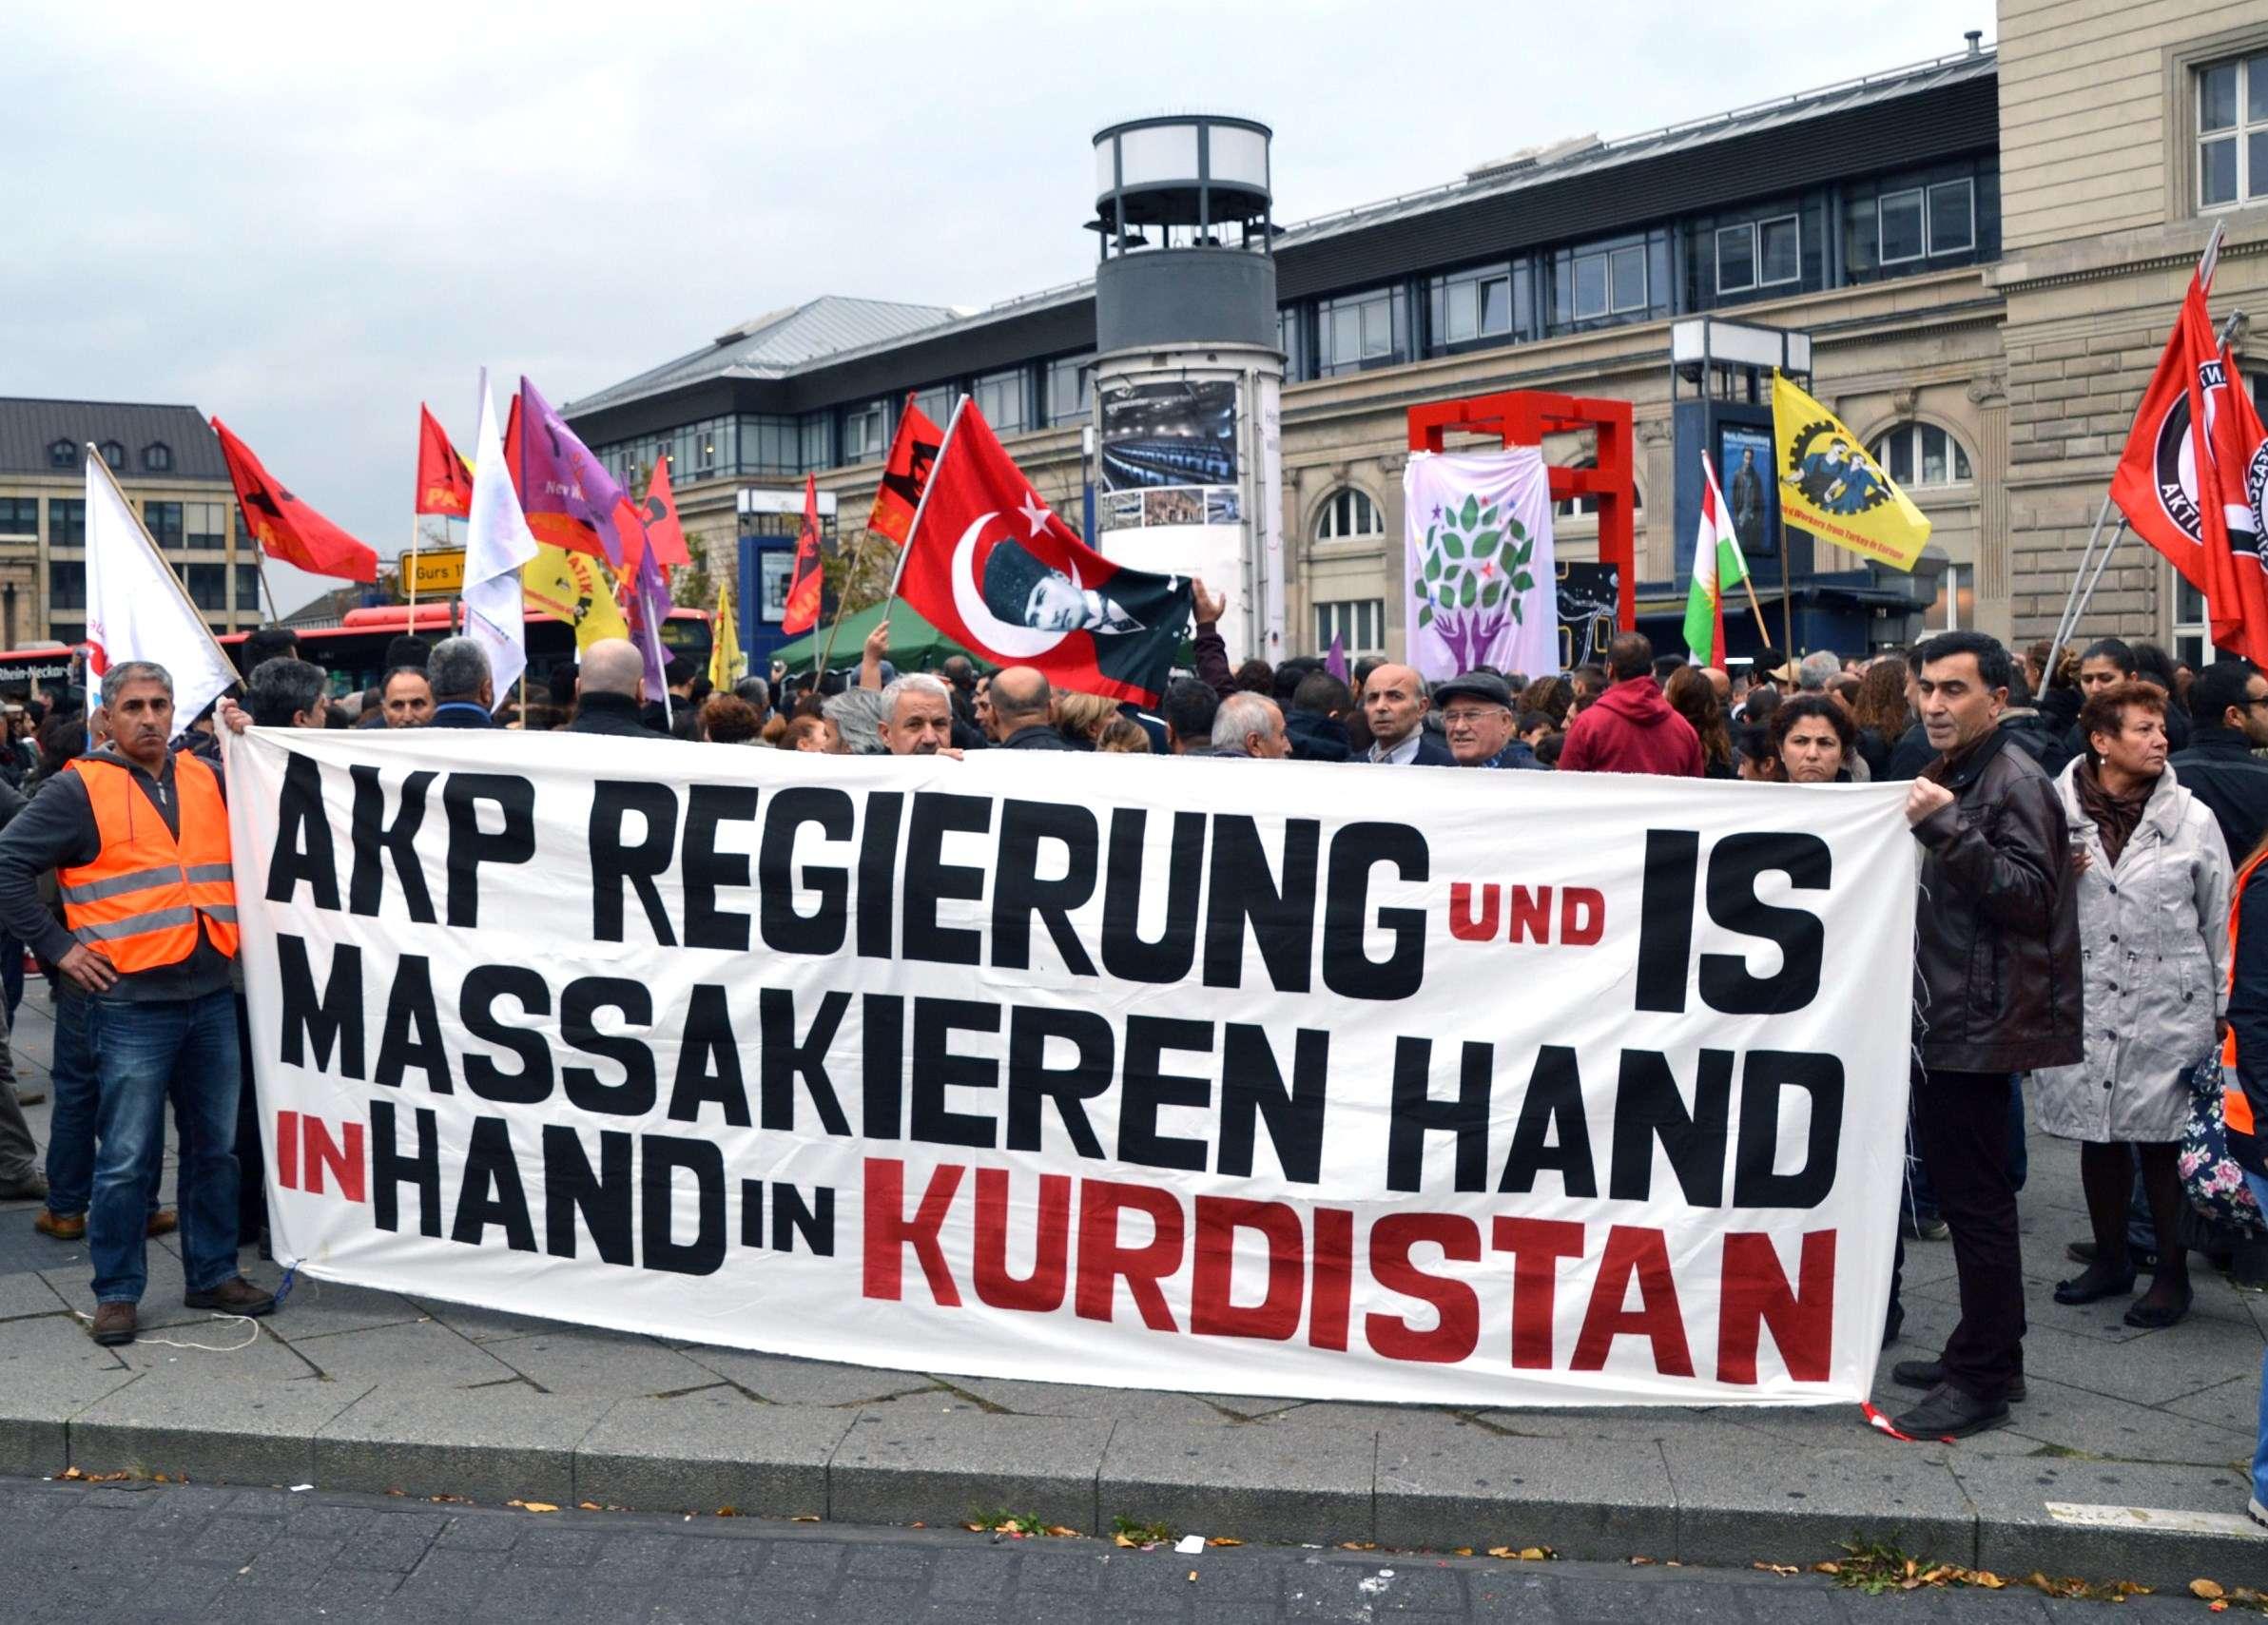 """Une bannière est brandie par des manifestants à Mannheim, en Allemagne. """"Le gouvernement de l'AKP et l'Etat islamique massacrent le Kurdistan main dans la main"""" peut-on y lire."""